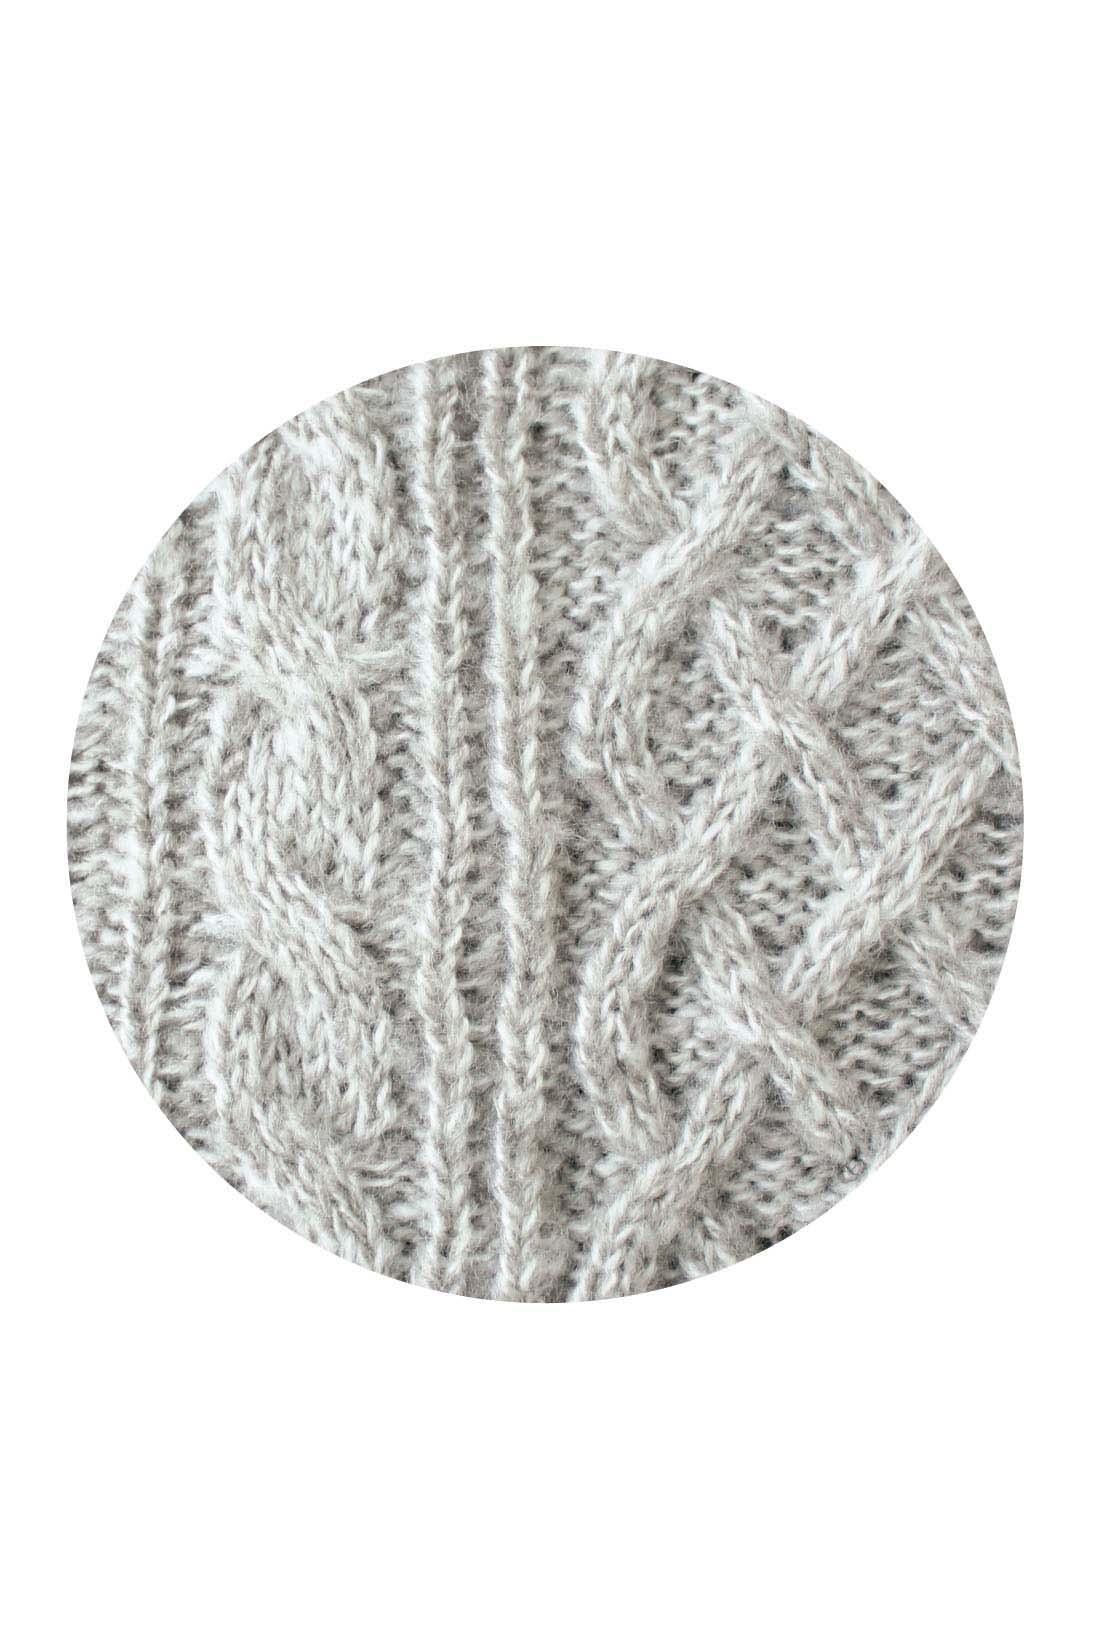 ざっくりニットはコーデしやすいベーシックカラーのミックス糸でニュアンスもたっぷり。